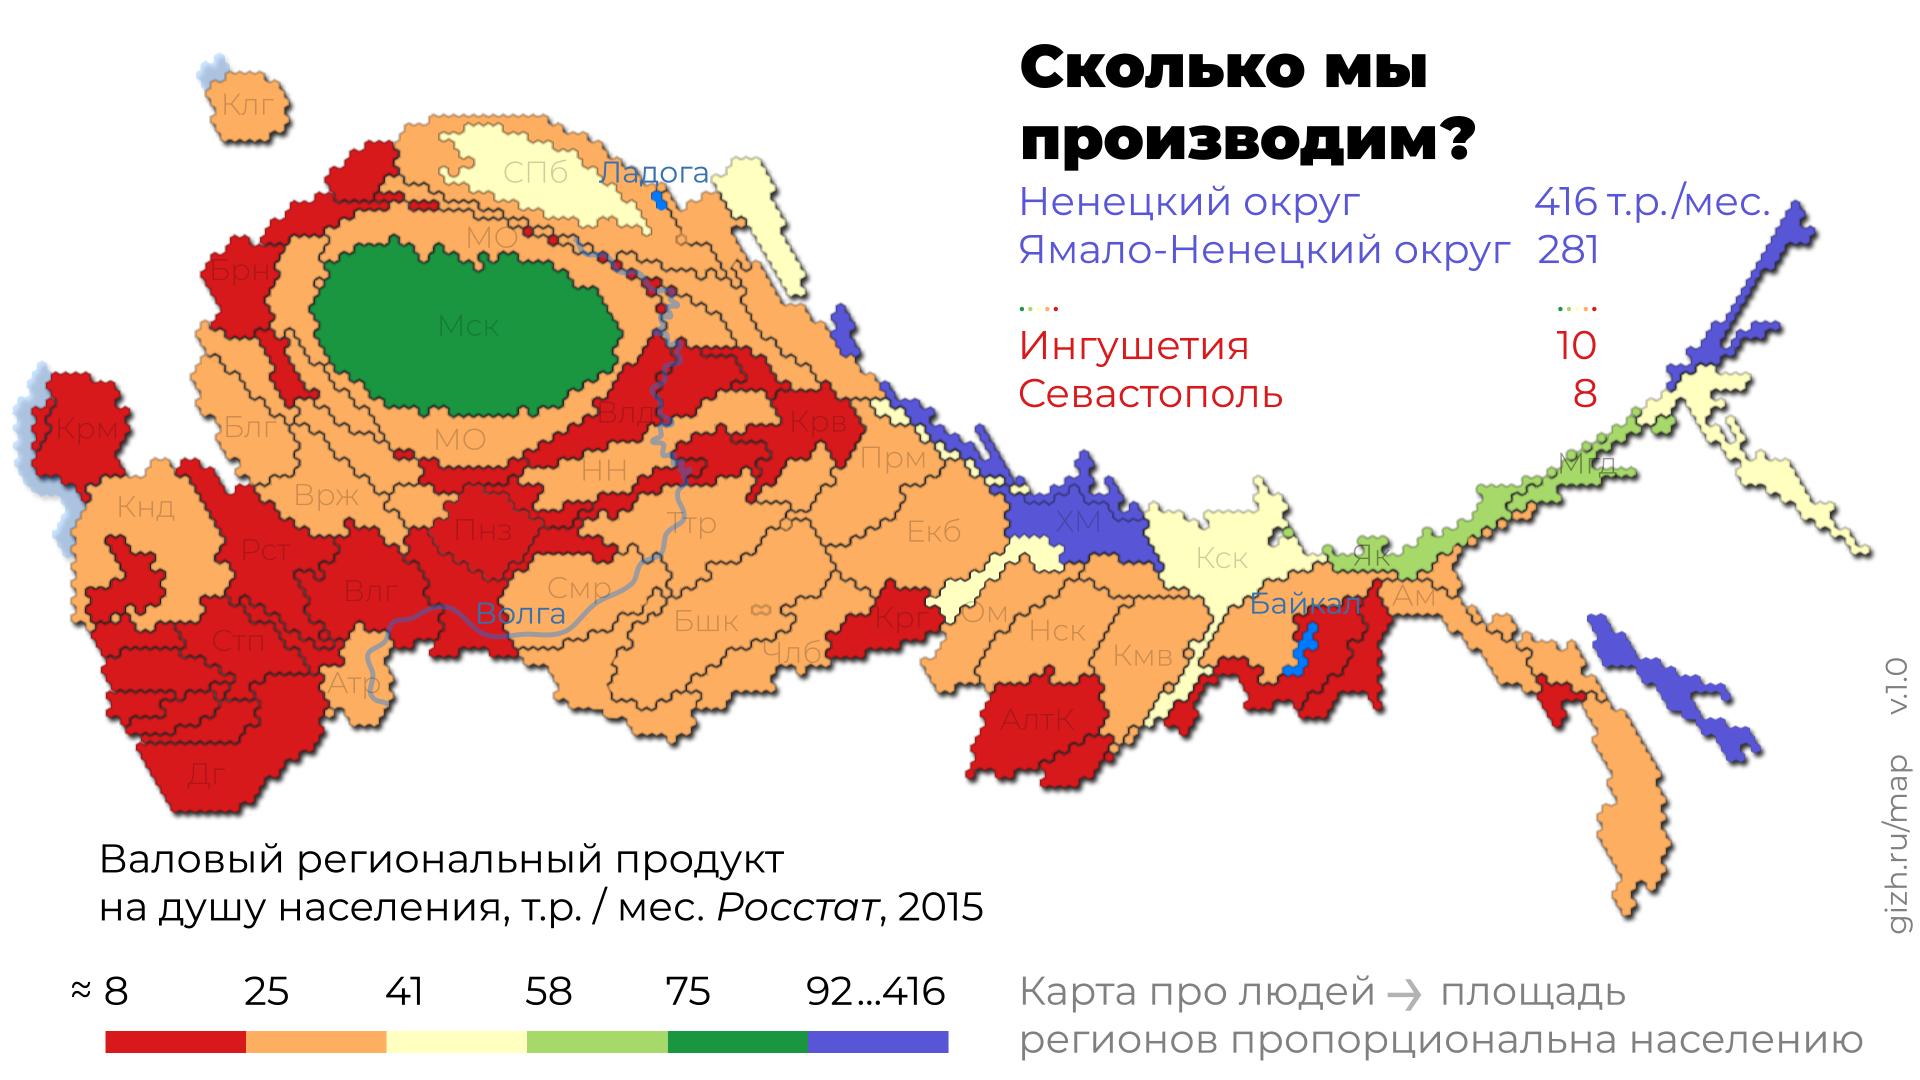 Валовый региональный продукт на душу населения по регионам. Карта-анаморфоза